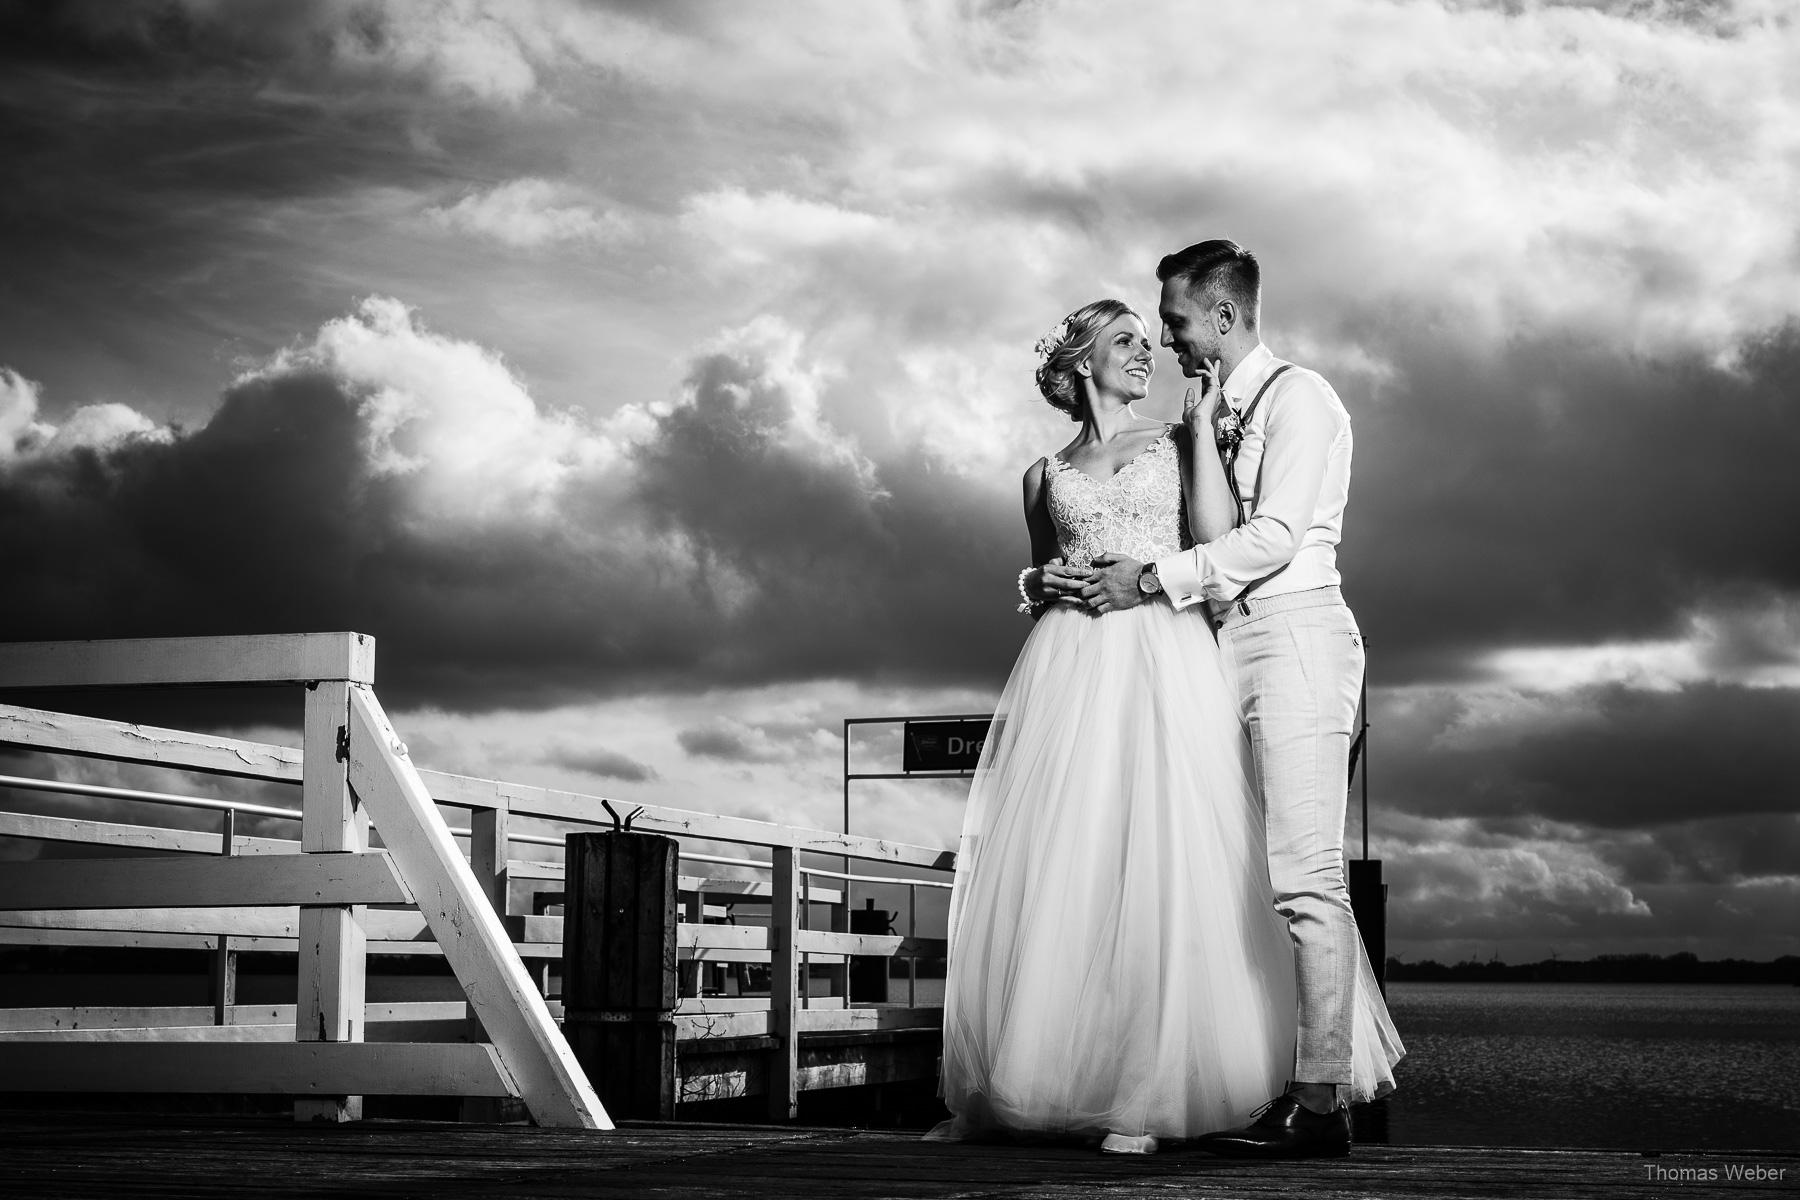 Hochzeitsfotograf Oldenburg, Thomas Weber, Hochzeitsfotos aus Oldenburg